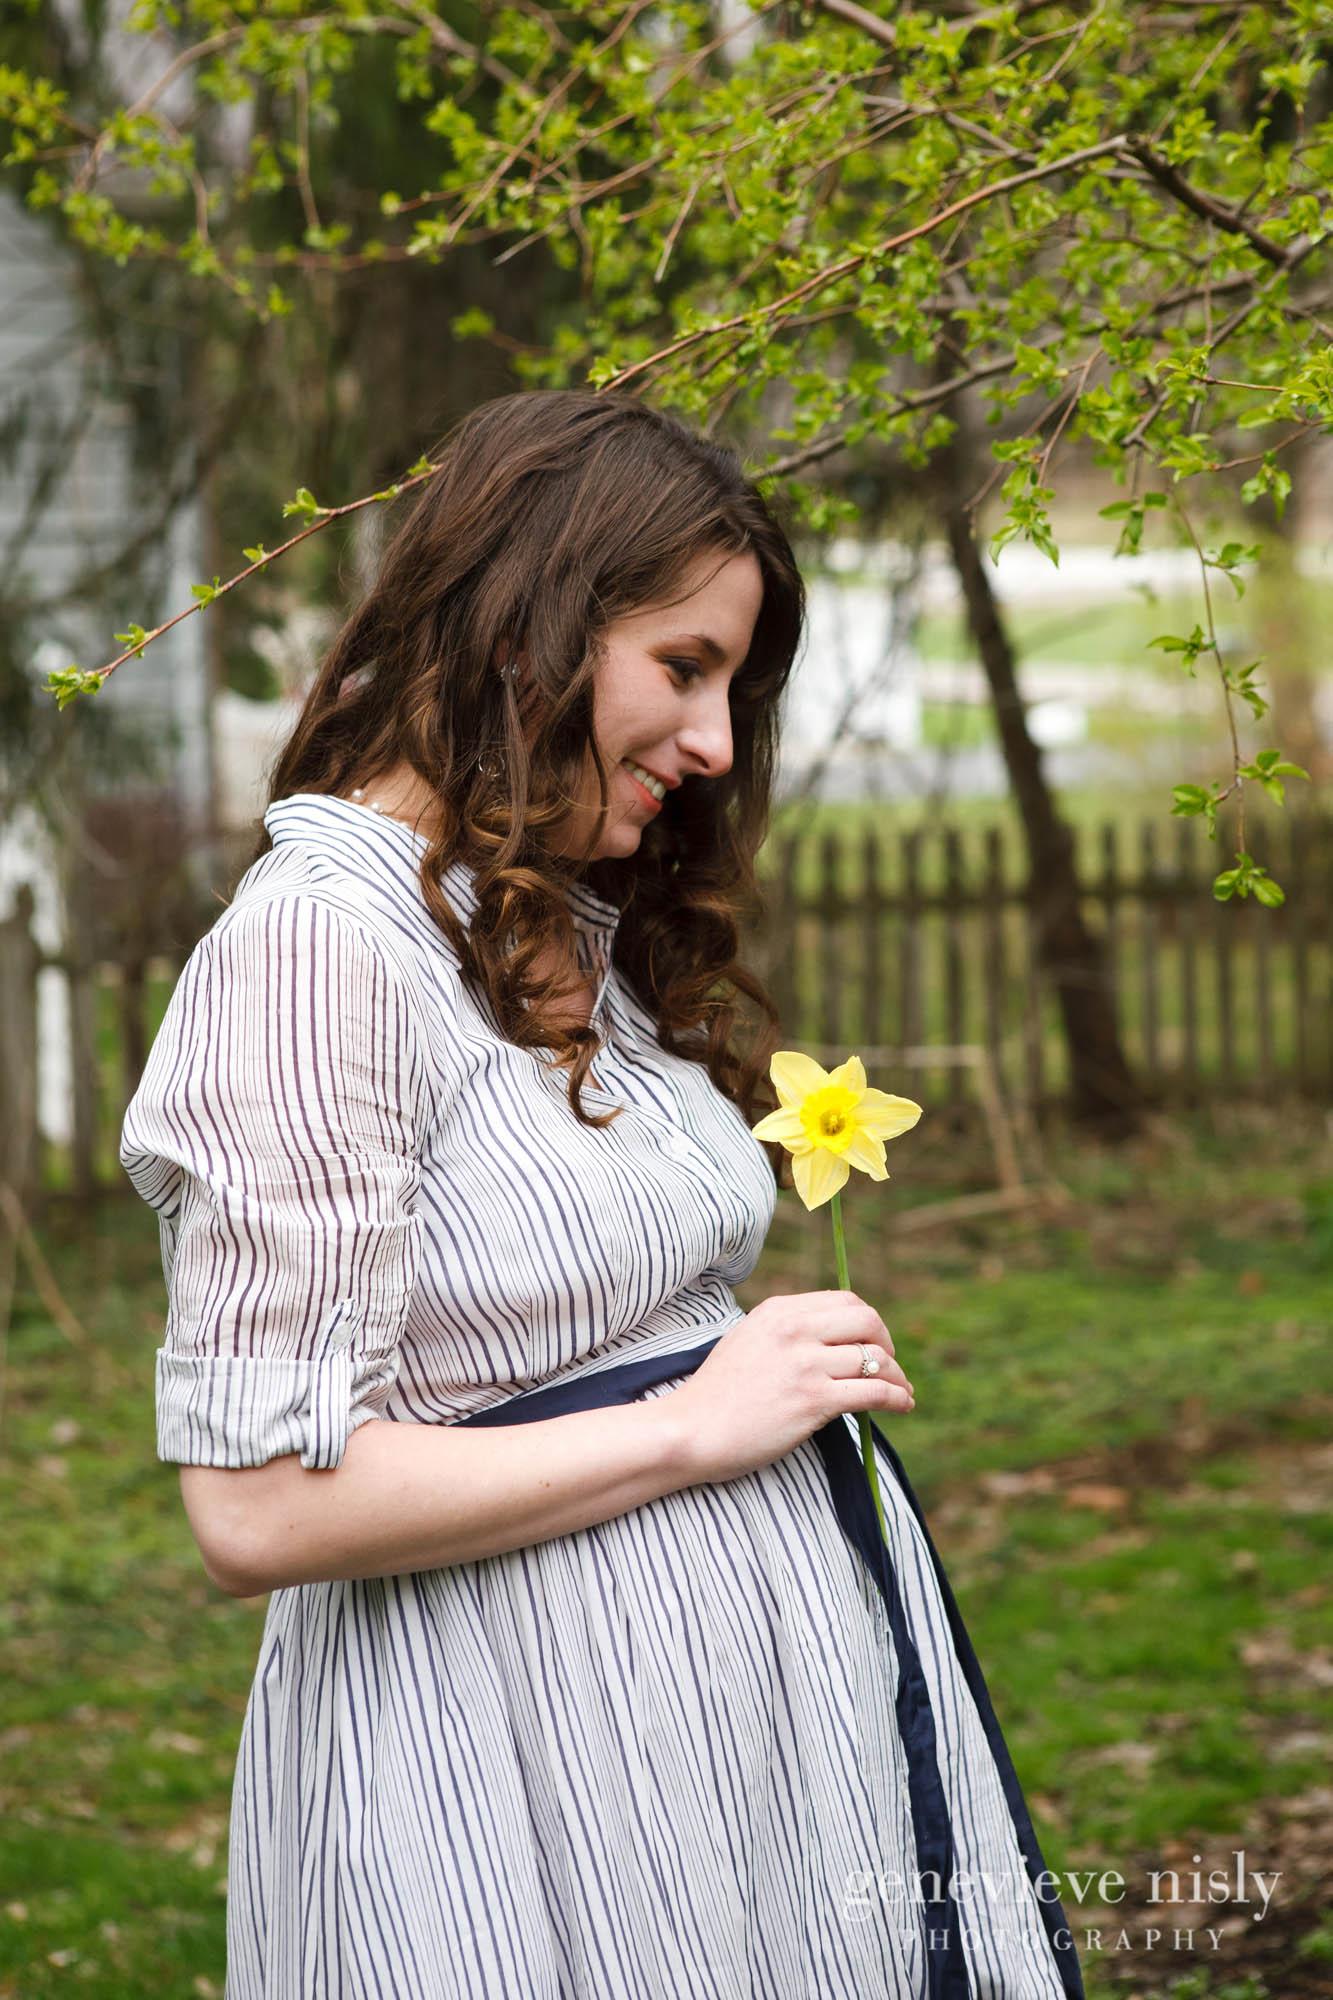 caitlin-001-canton-maternity-portrait-photographer-genevieve-nisly-photography